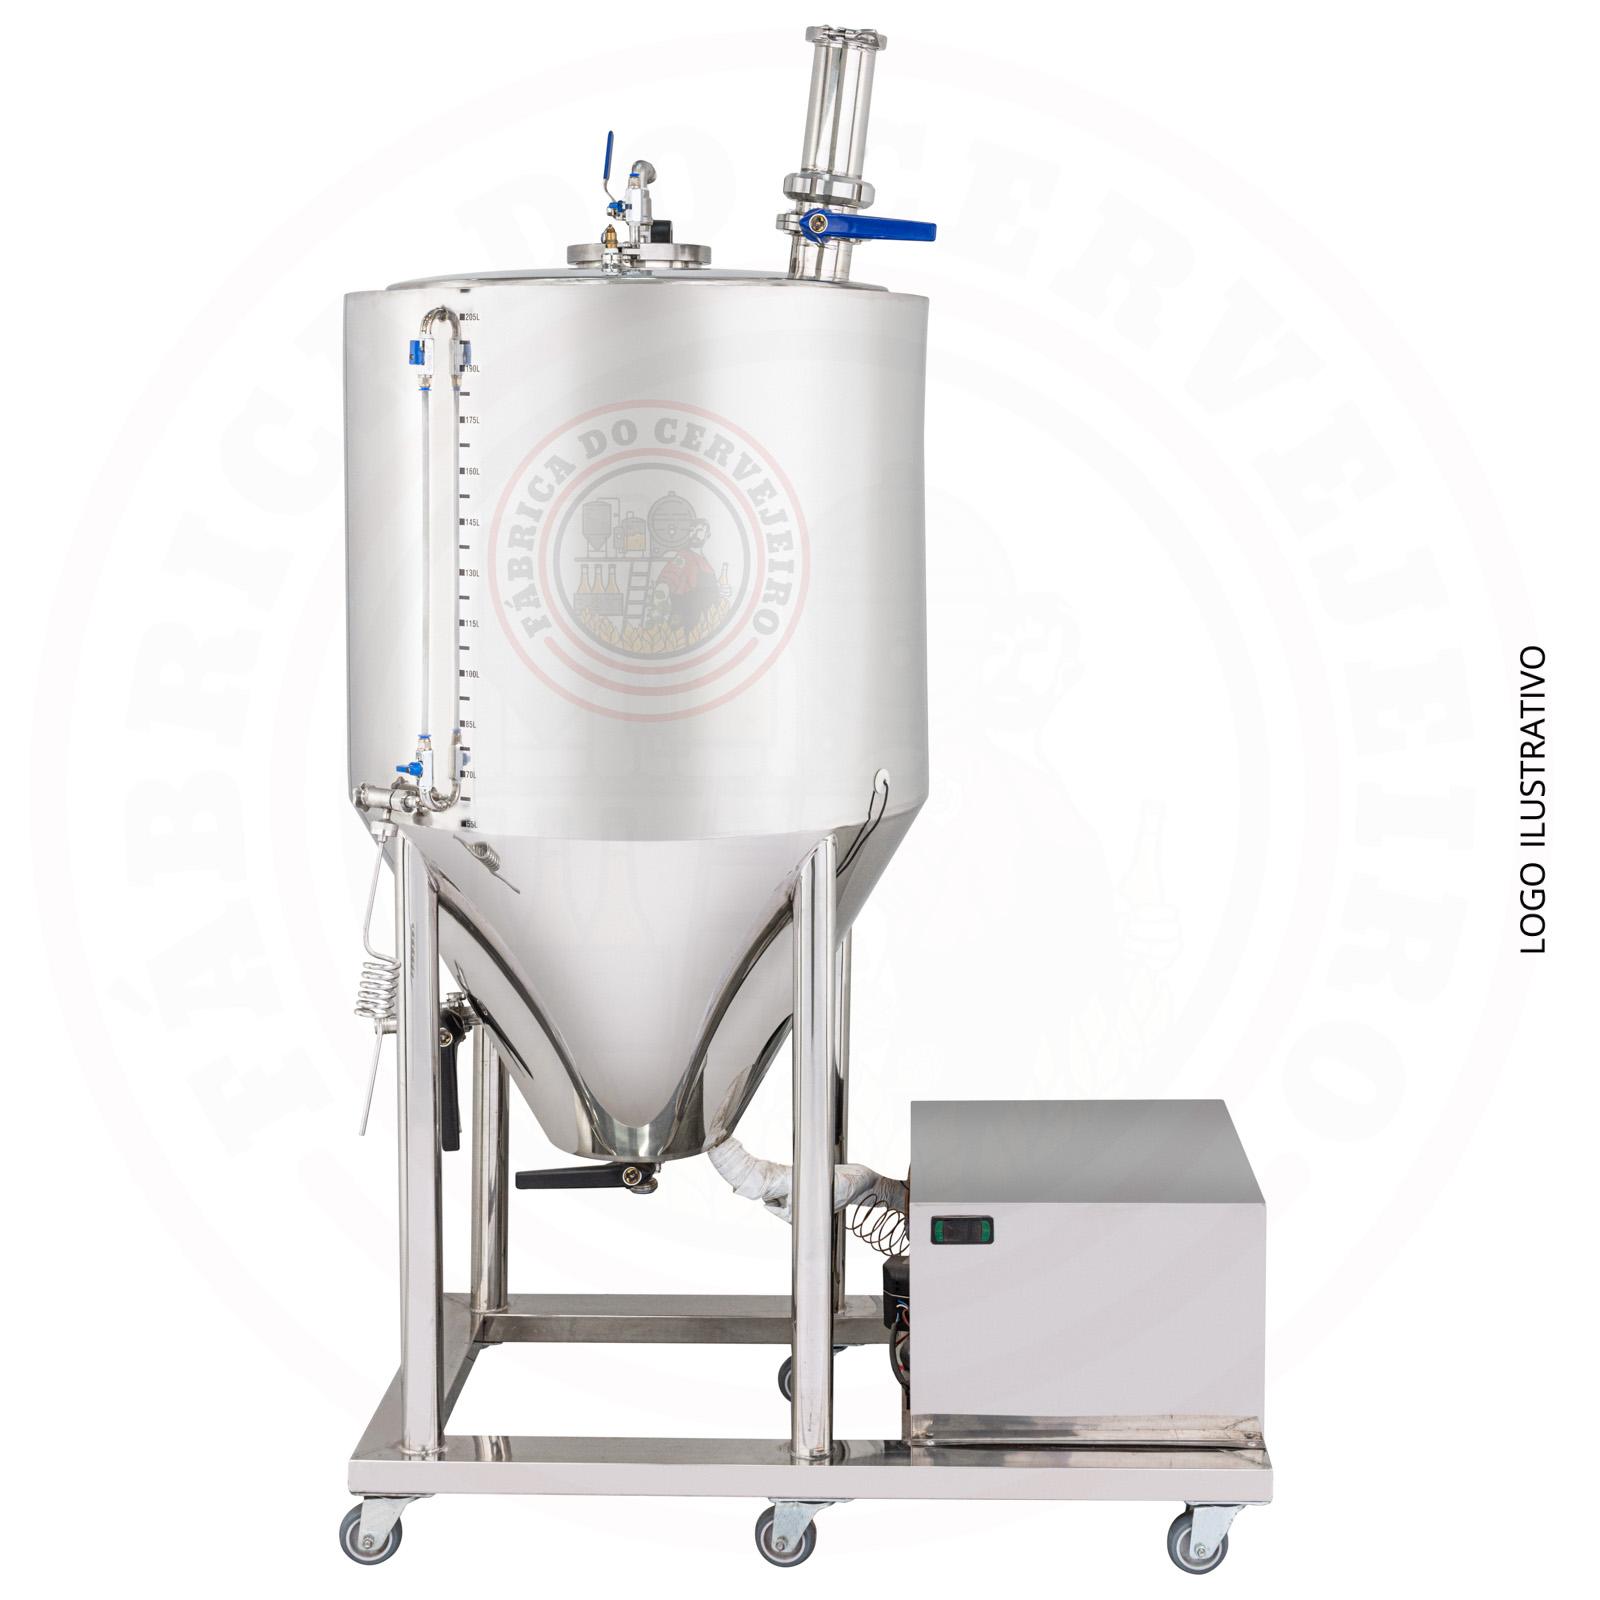 Fermentador Refrigerado 220 Litros util com dry hop inox 304